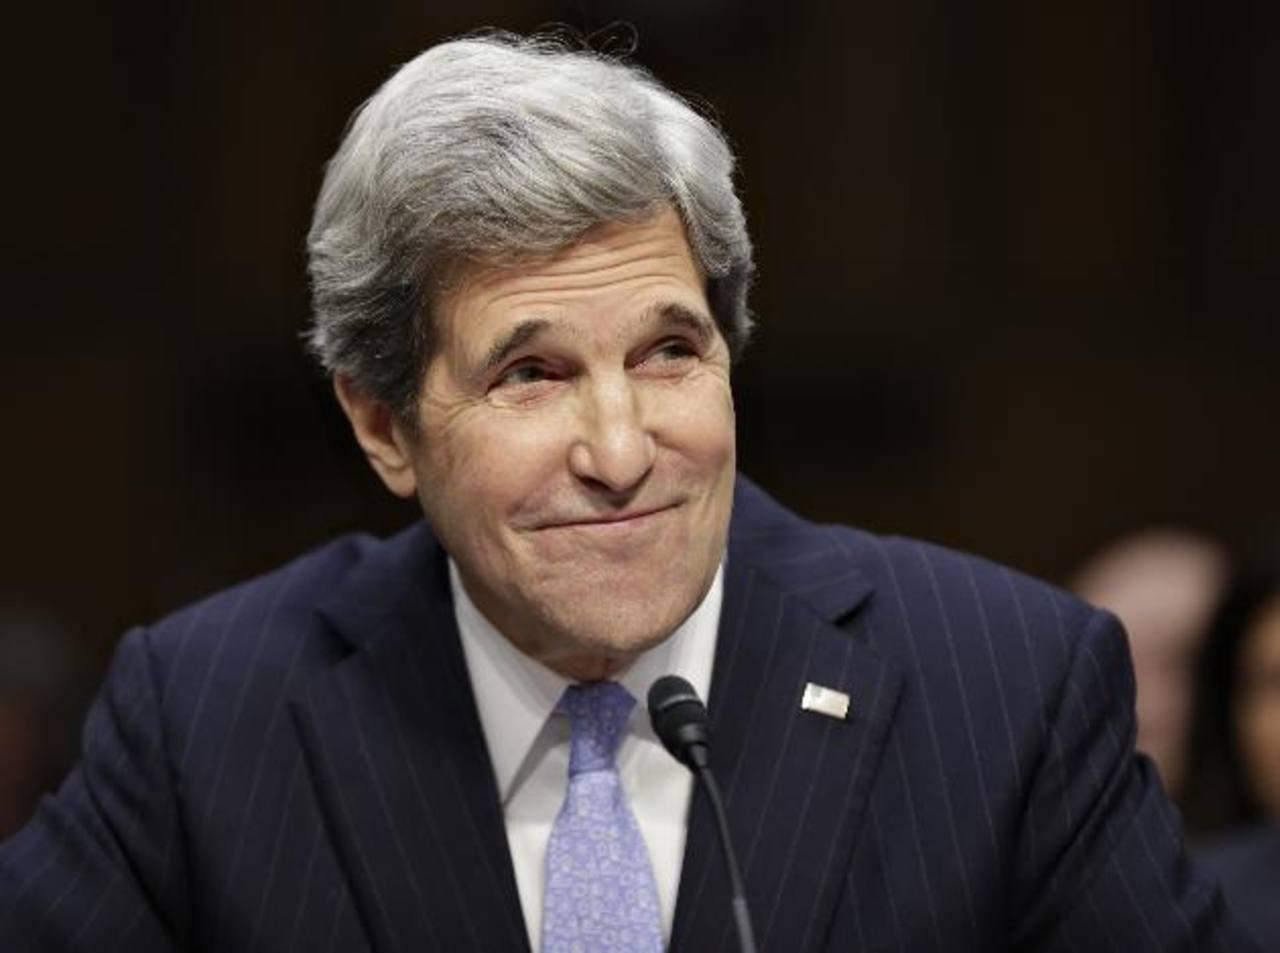 Senado de EE.UU. aprueba nombramiento de John Kerry